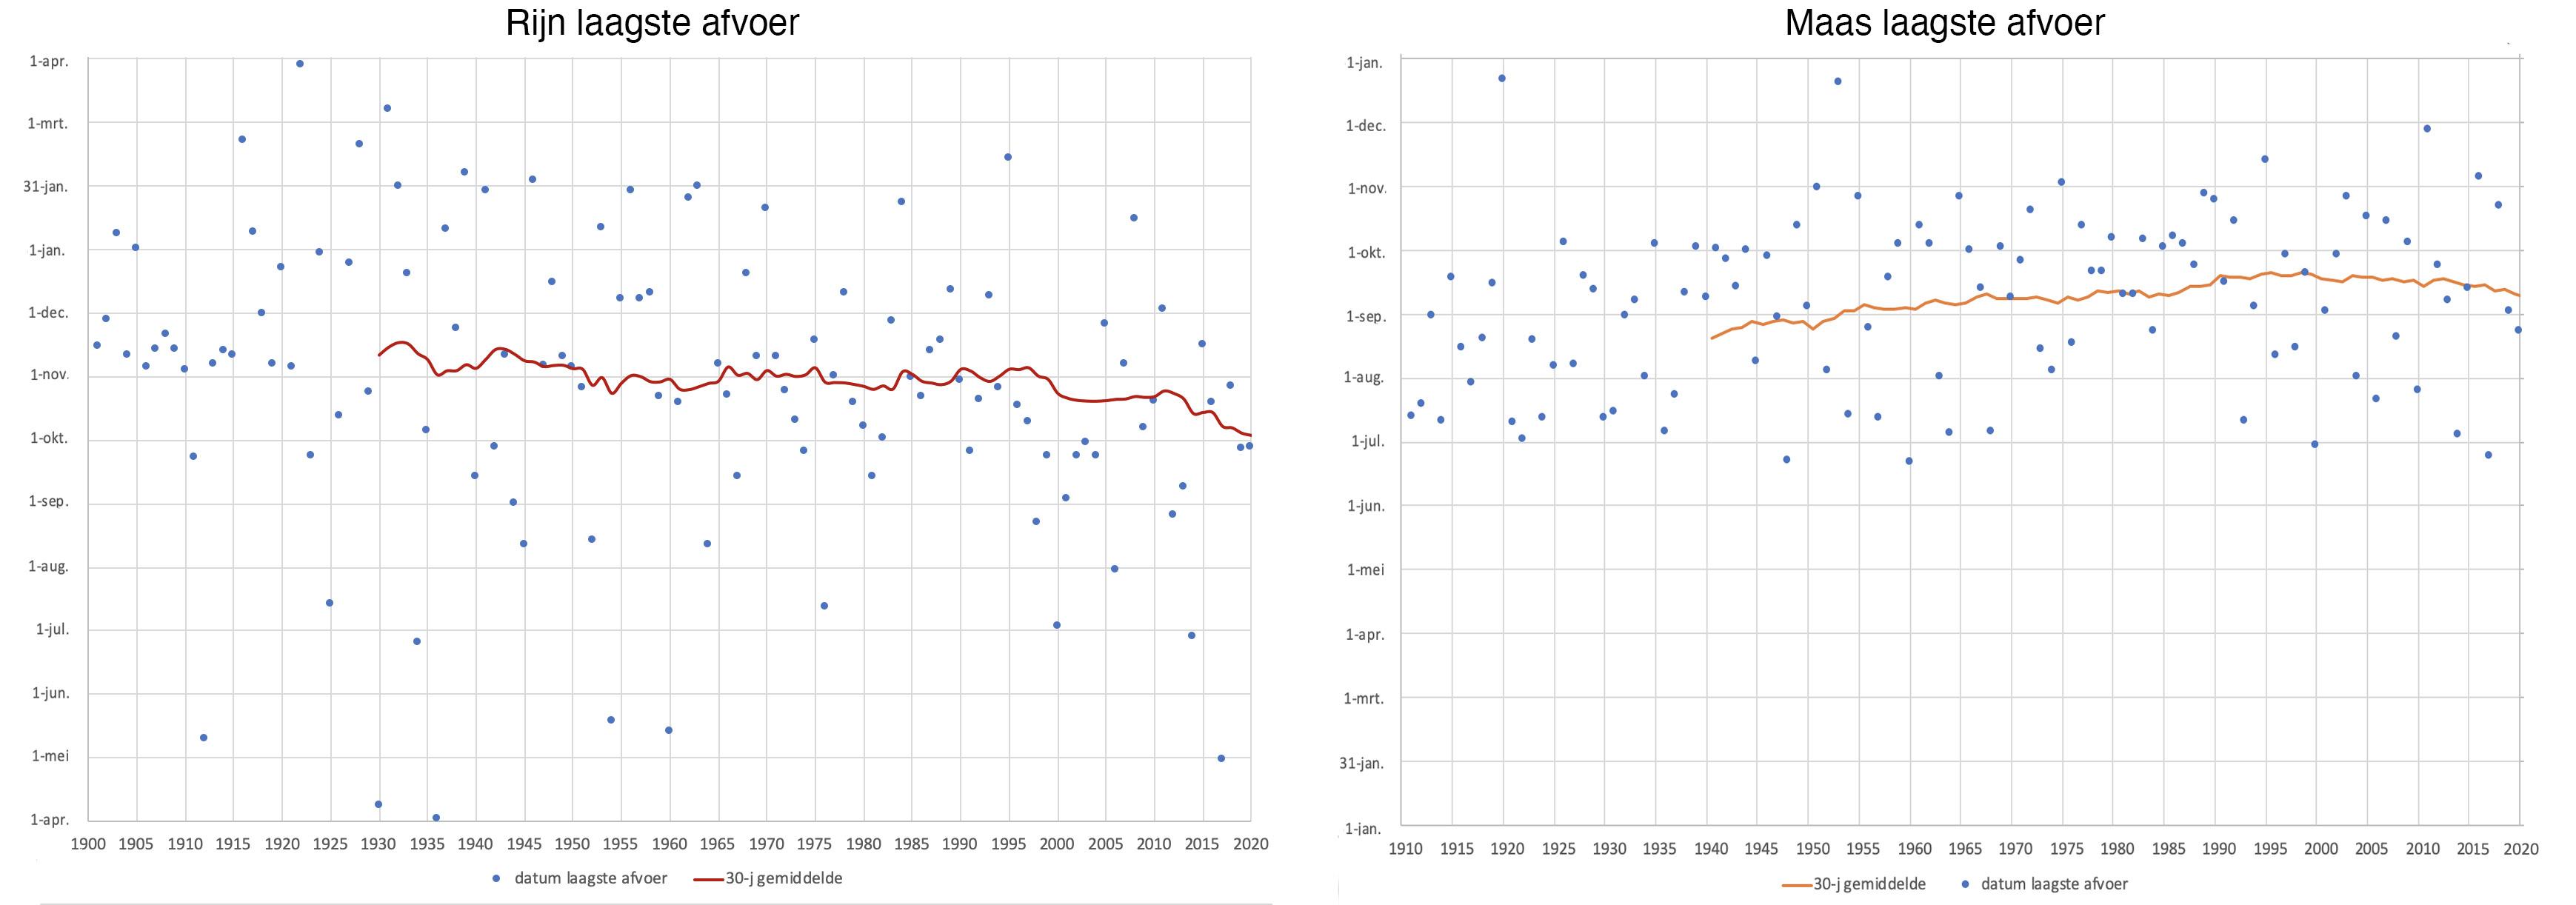 Datum waarin in de Rijn (links) en de Maas (rechts) van jaar tot jaar de laagste stand werd bereikt. De blauwe stippen zijn de data van ieder jaar, de lijn geeft het gemiddelde van de 30 voorgaande jaren aan.